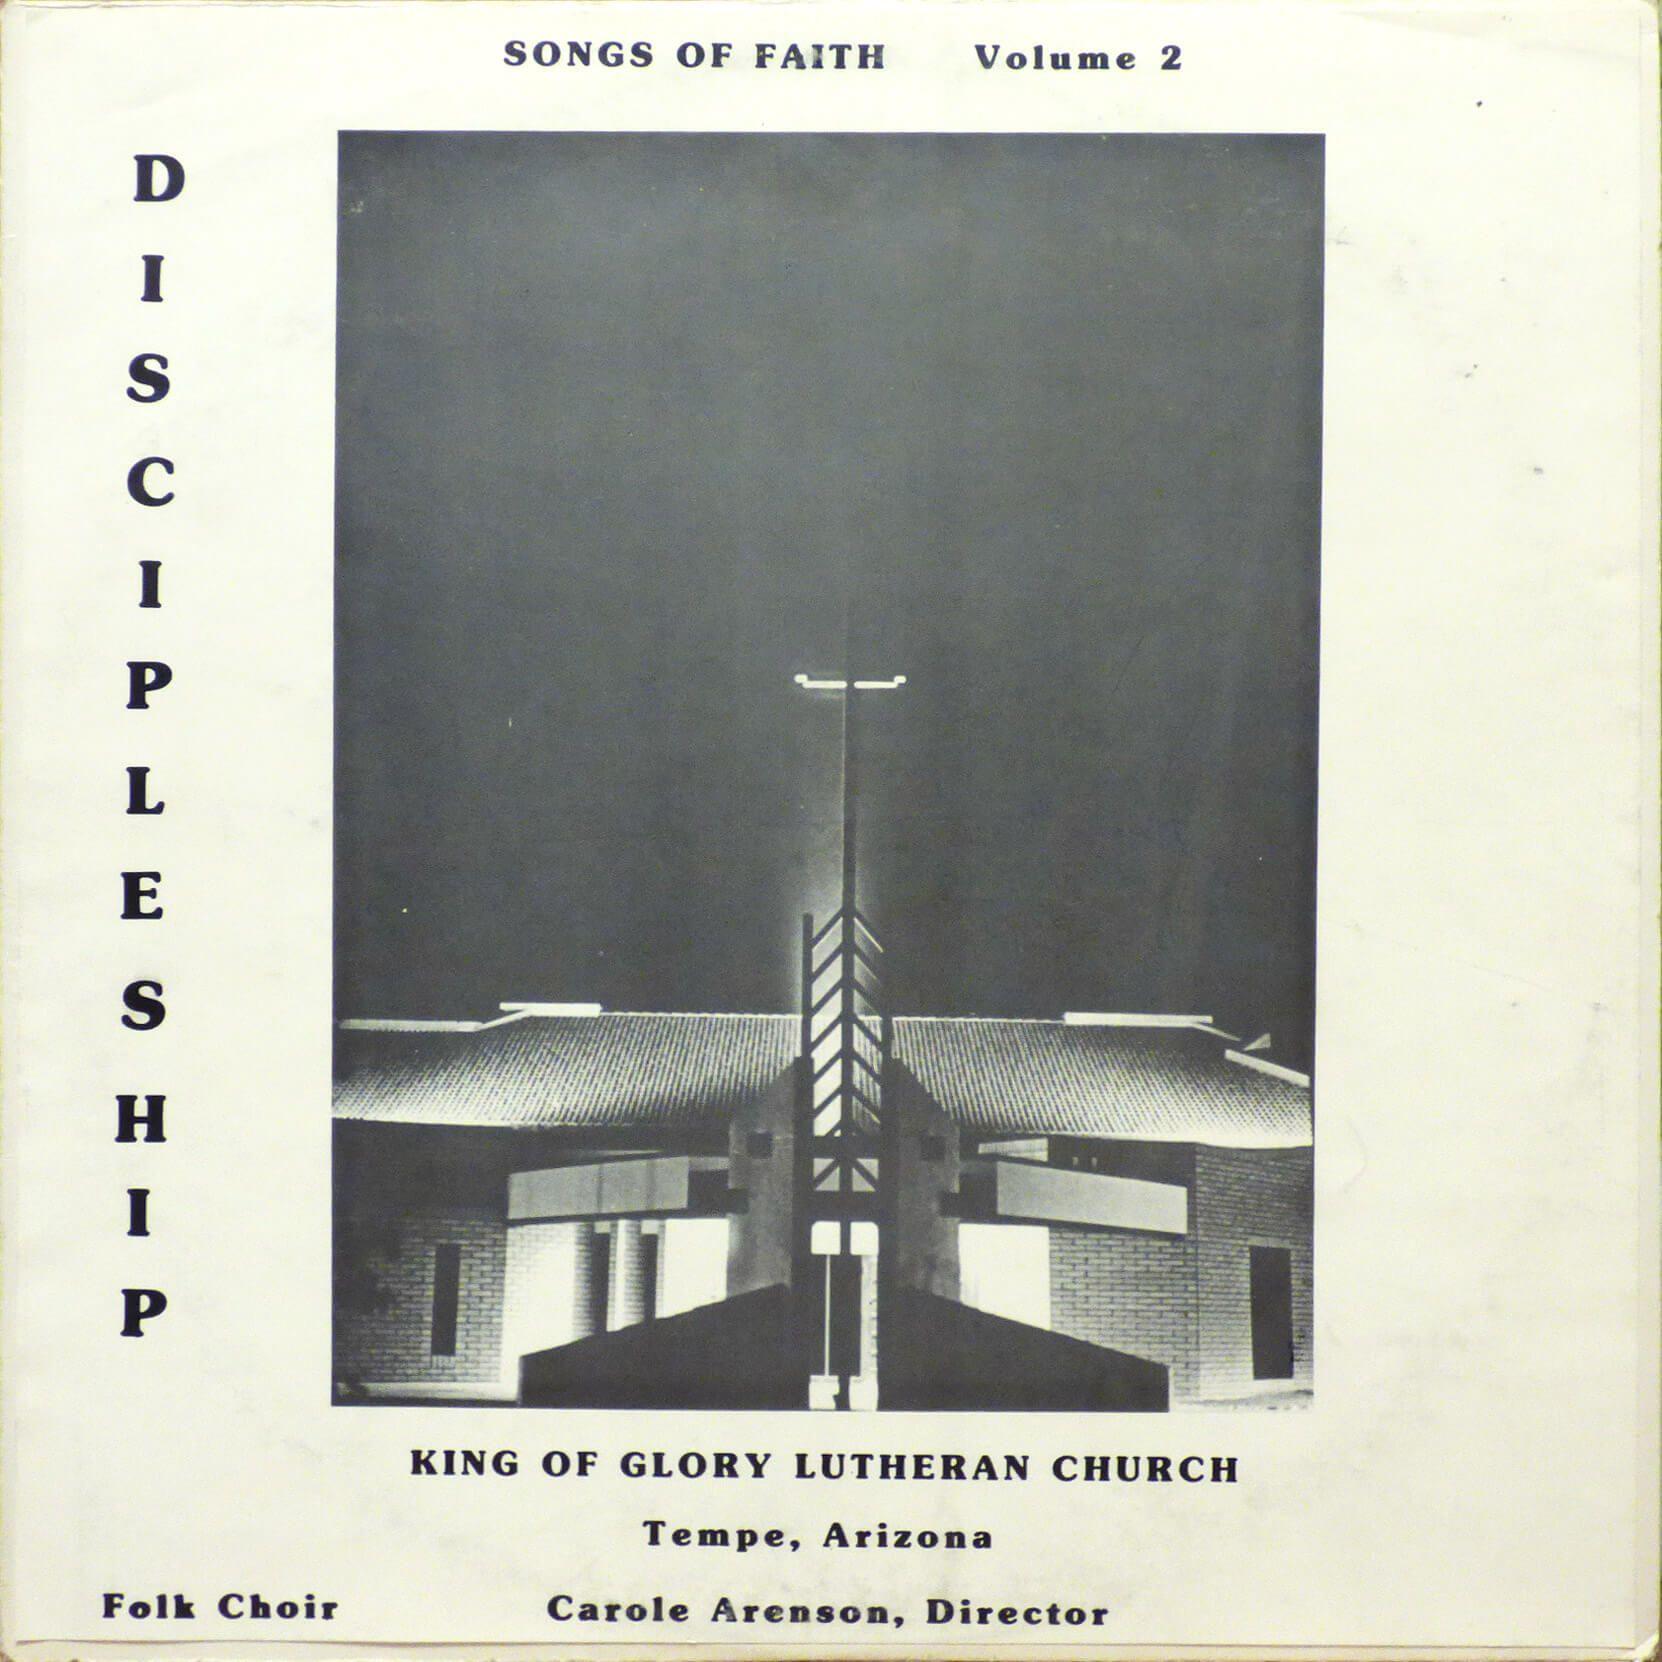 Cover Art For The Album Songs Of Faith Volume 2